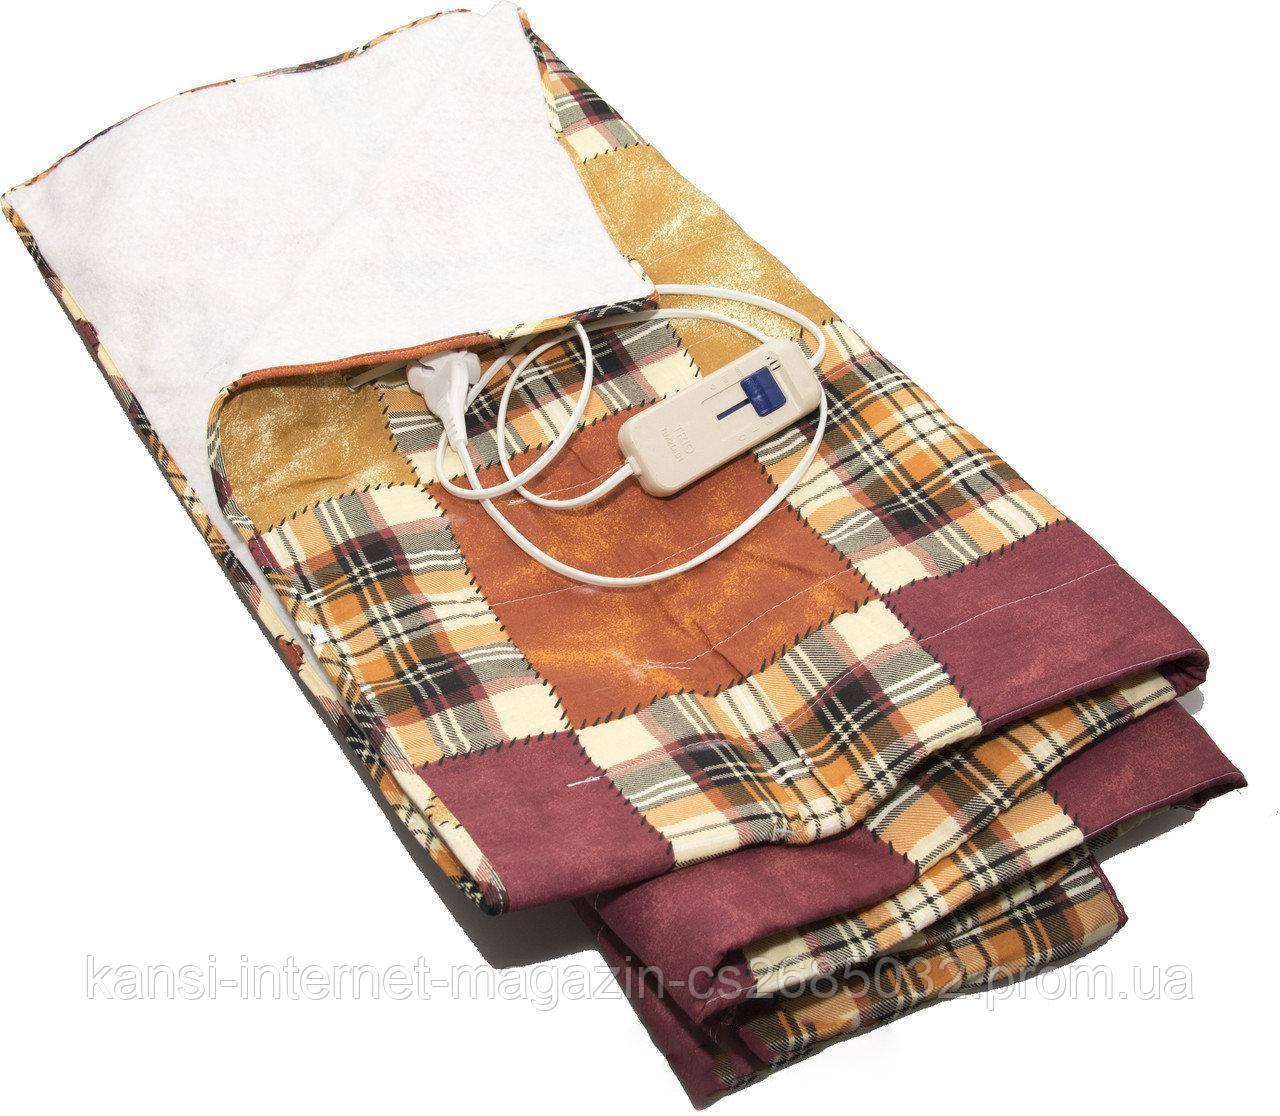 Электропростынь electric blanket 150*170 двуспальная, одеяло с подогревом